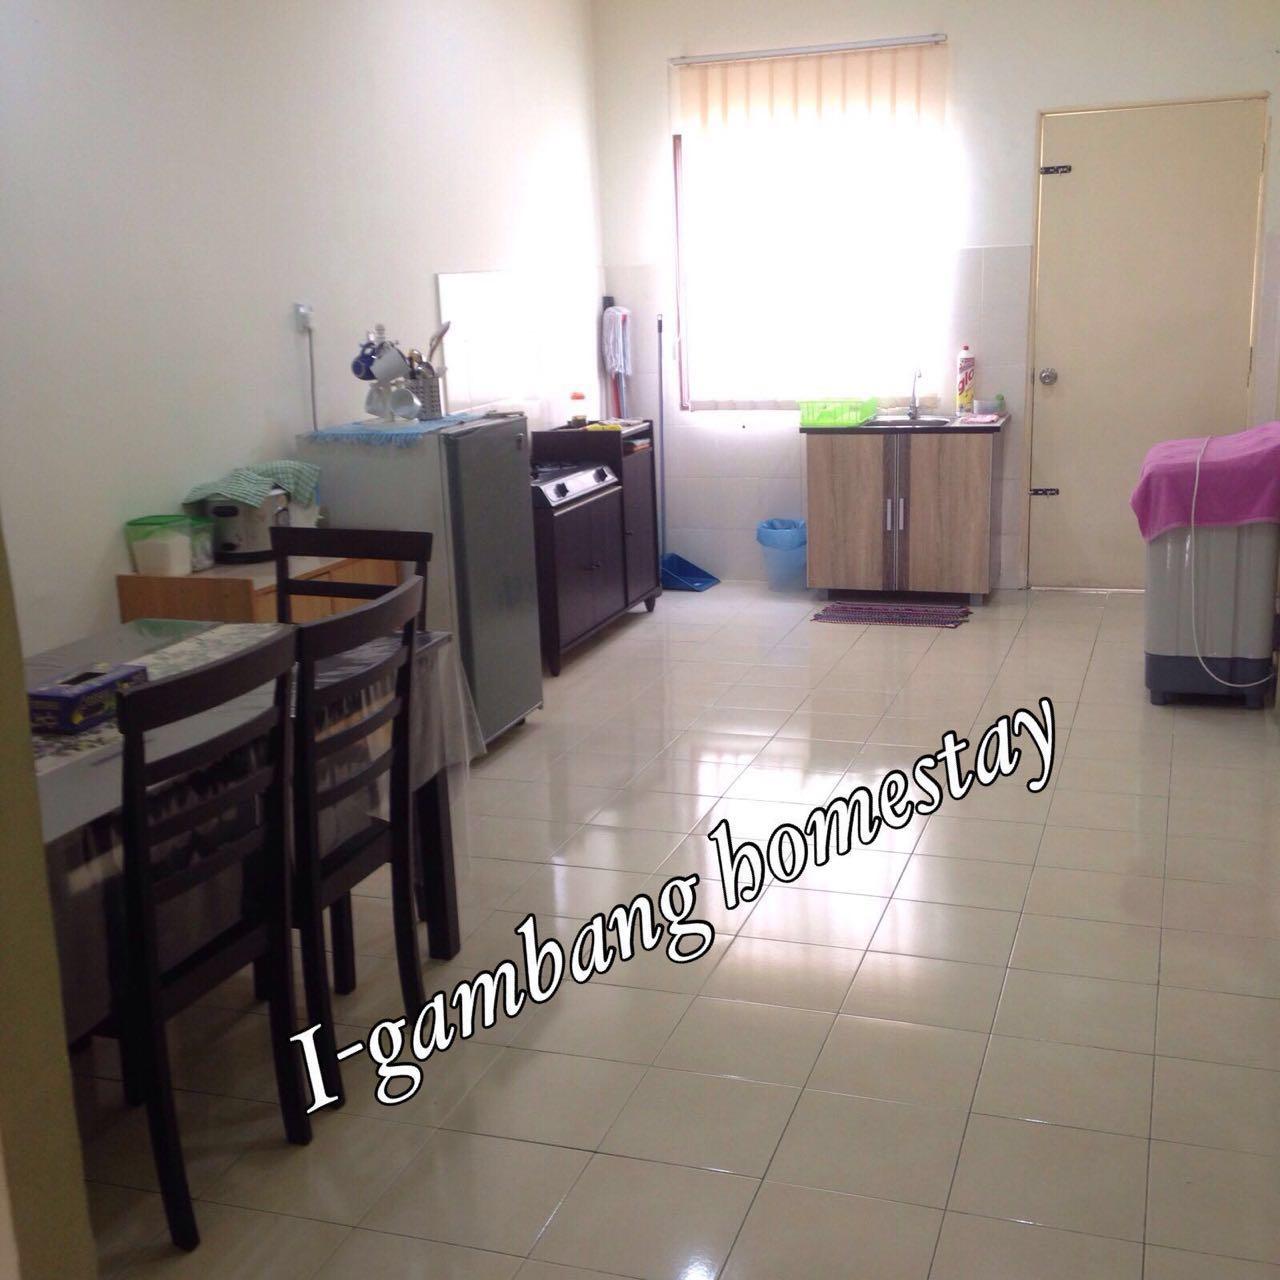 Ruang Dapur Dengan Kelengkapan Memasak Meja Makan Dan Kemudahan Peti Sejuk